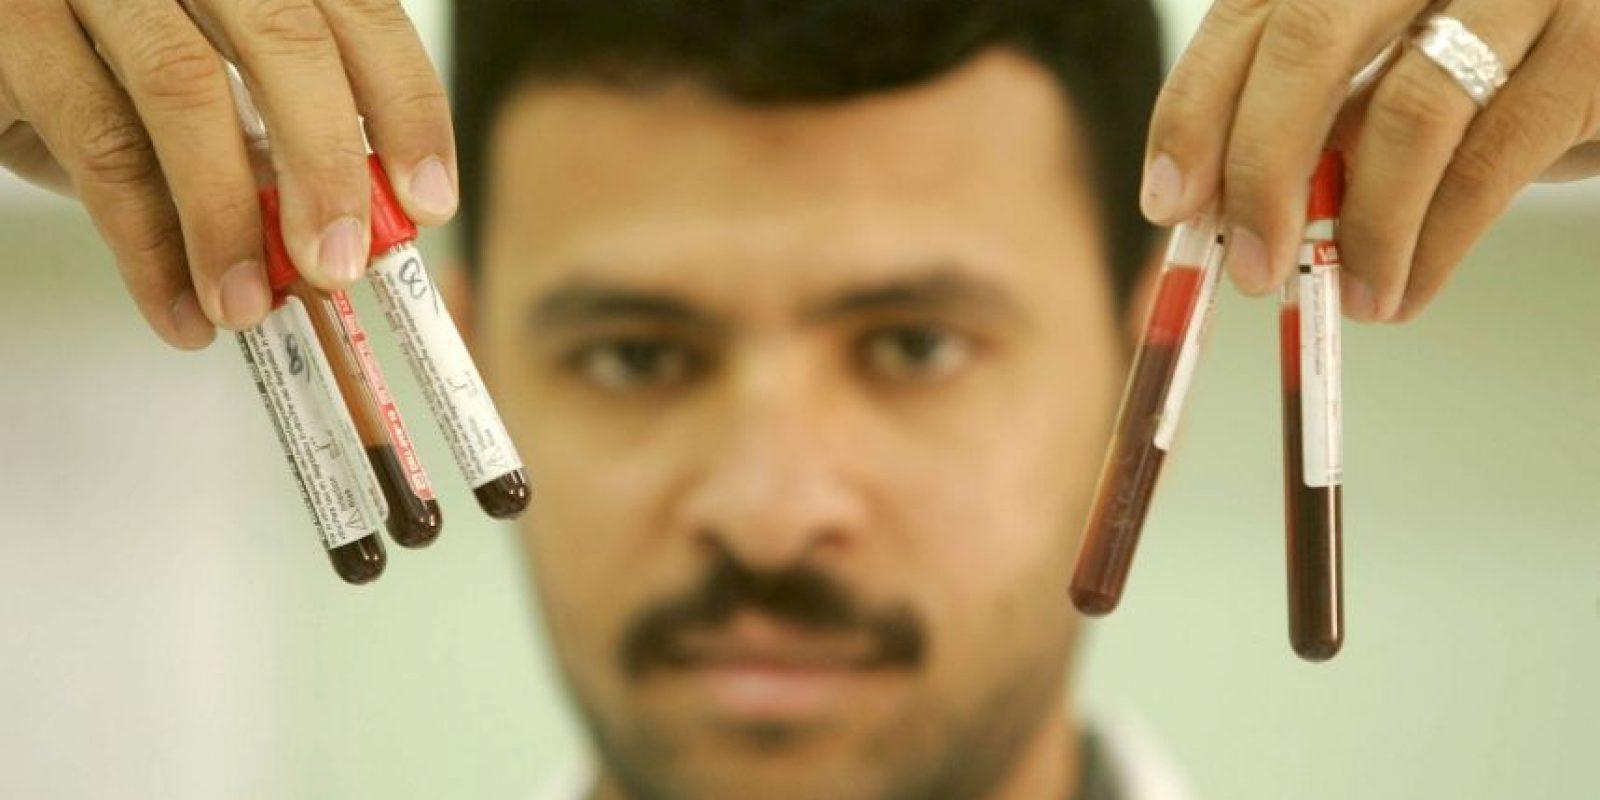 También se pide encarecidamente a otras muchas personas del mundo que donen sangre de forma voluntaria con regularidad Foto:Getty Images